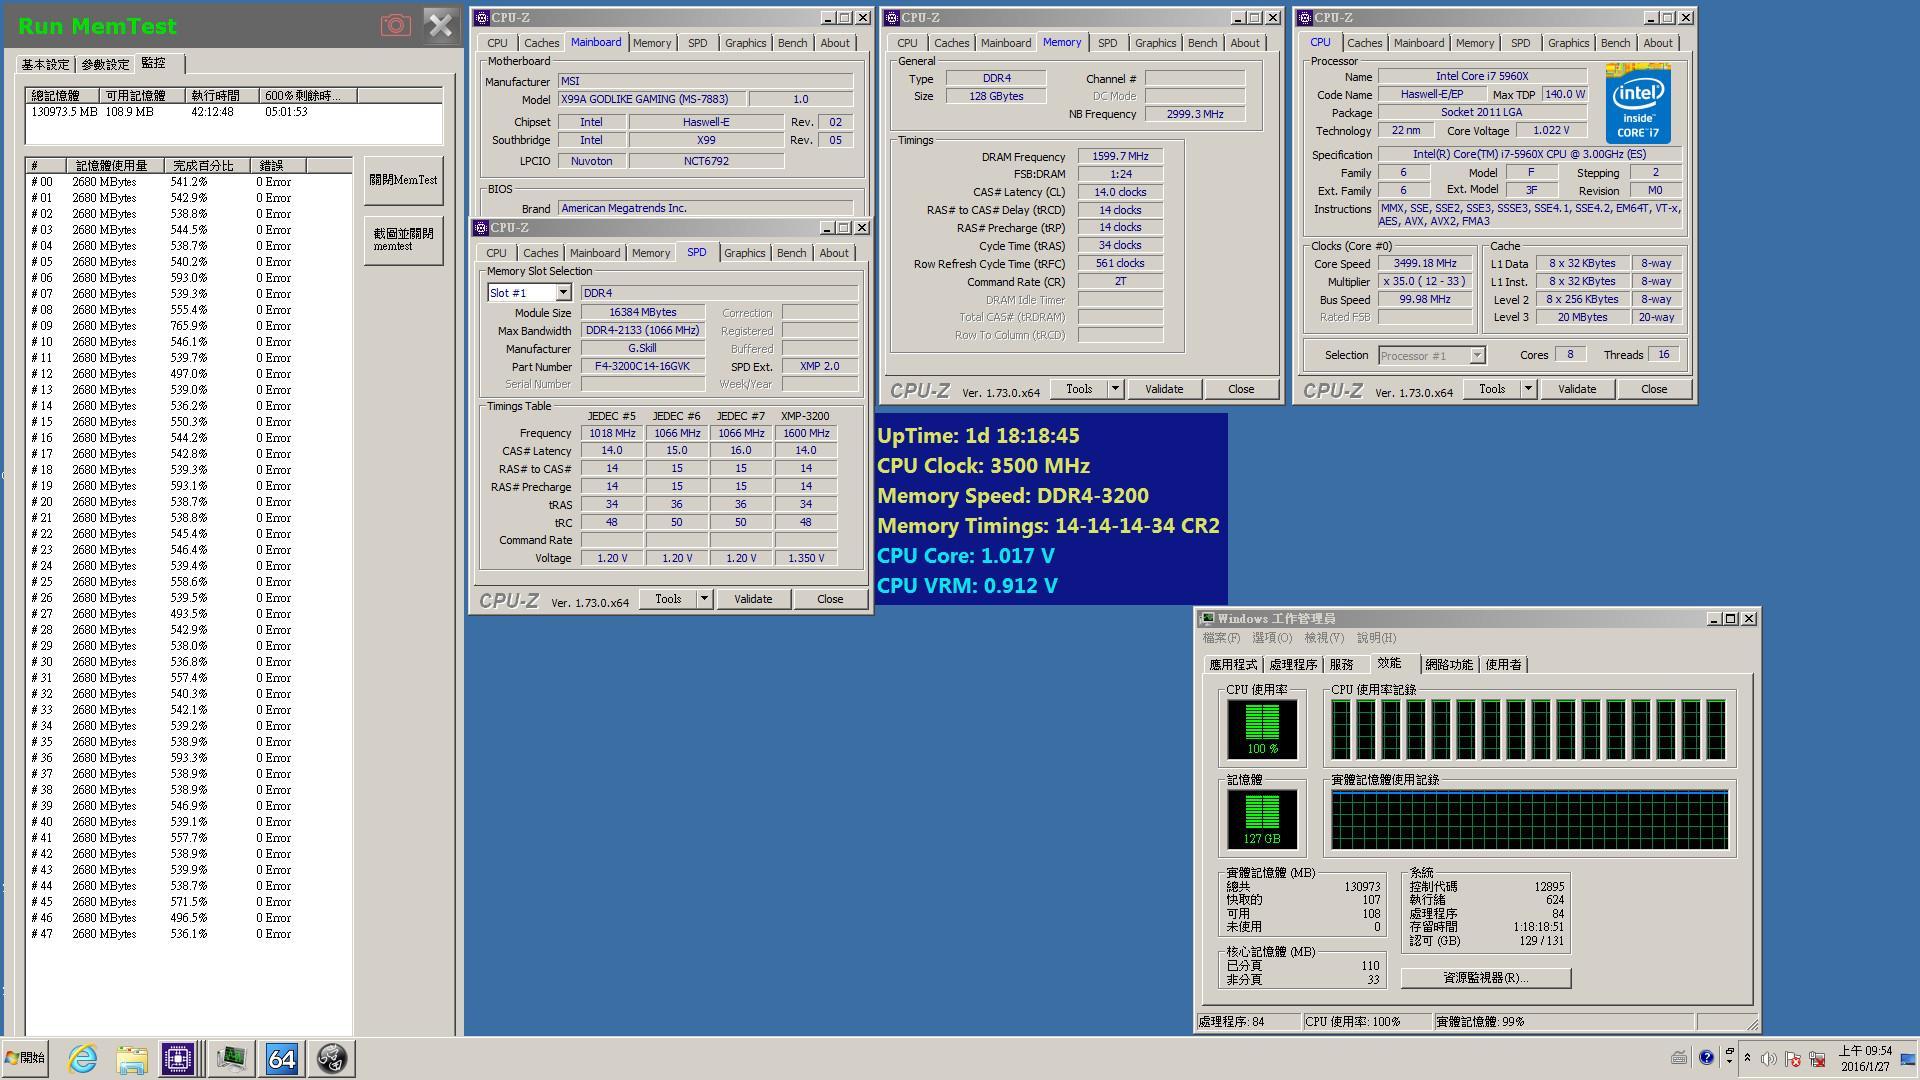 GSkill F4-3200 128 GB 03